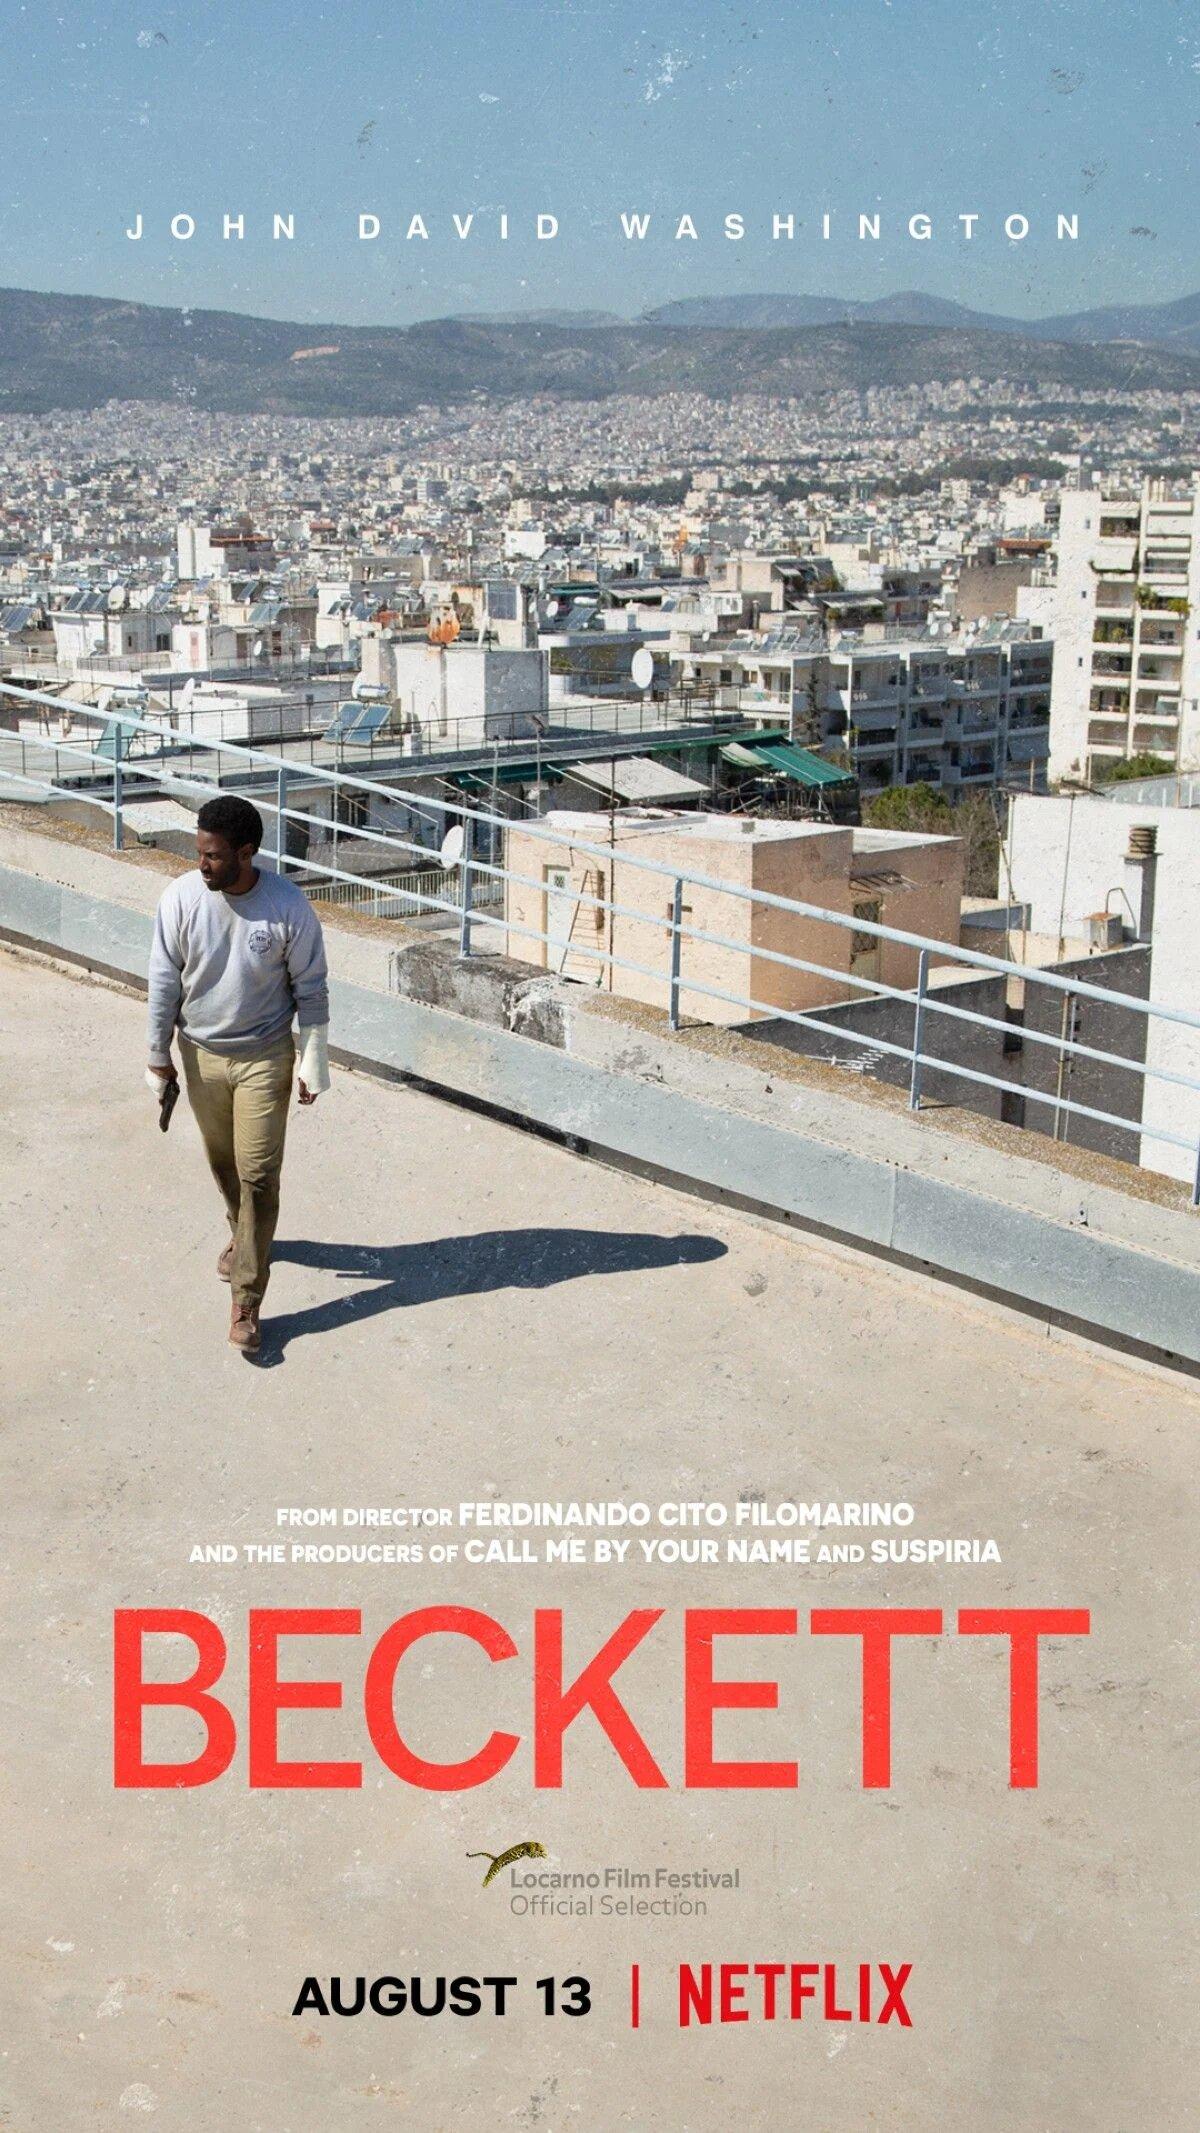 Beckett Netflix Trailer & Poster